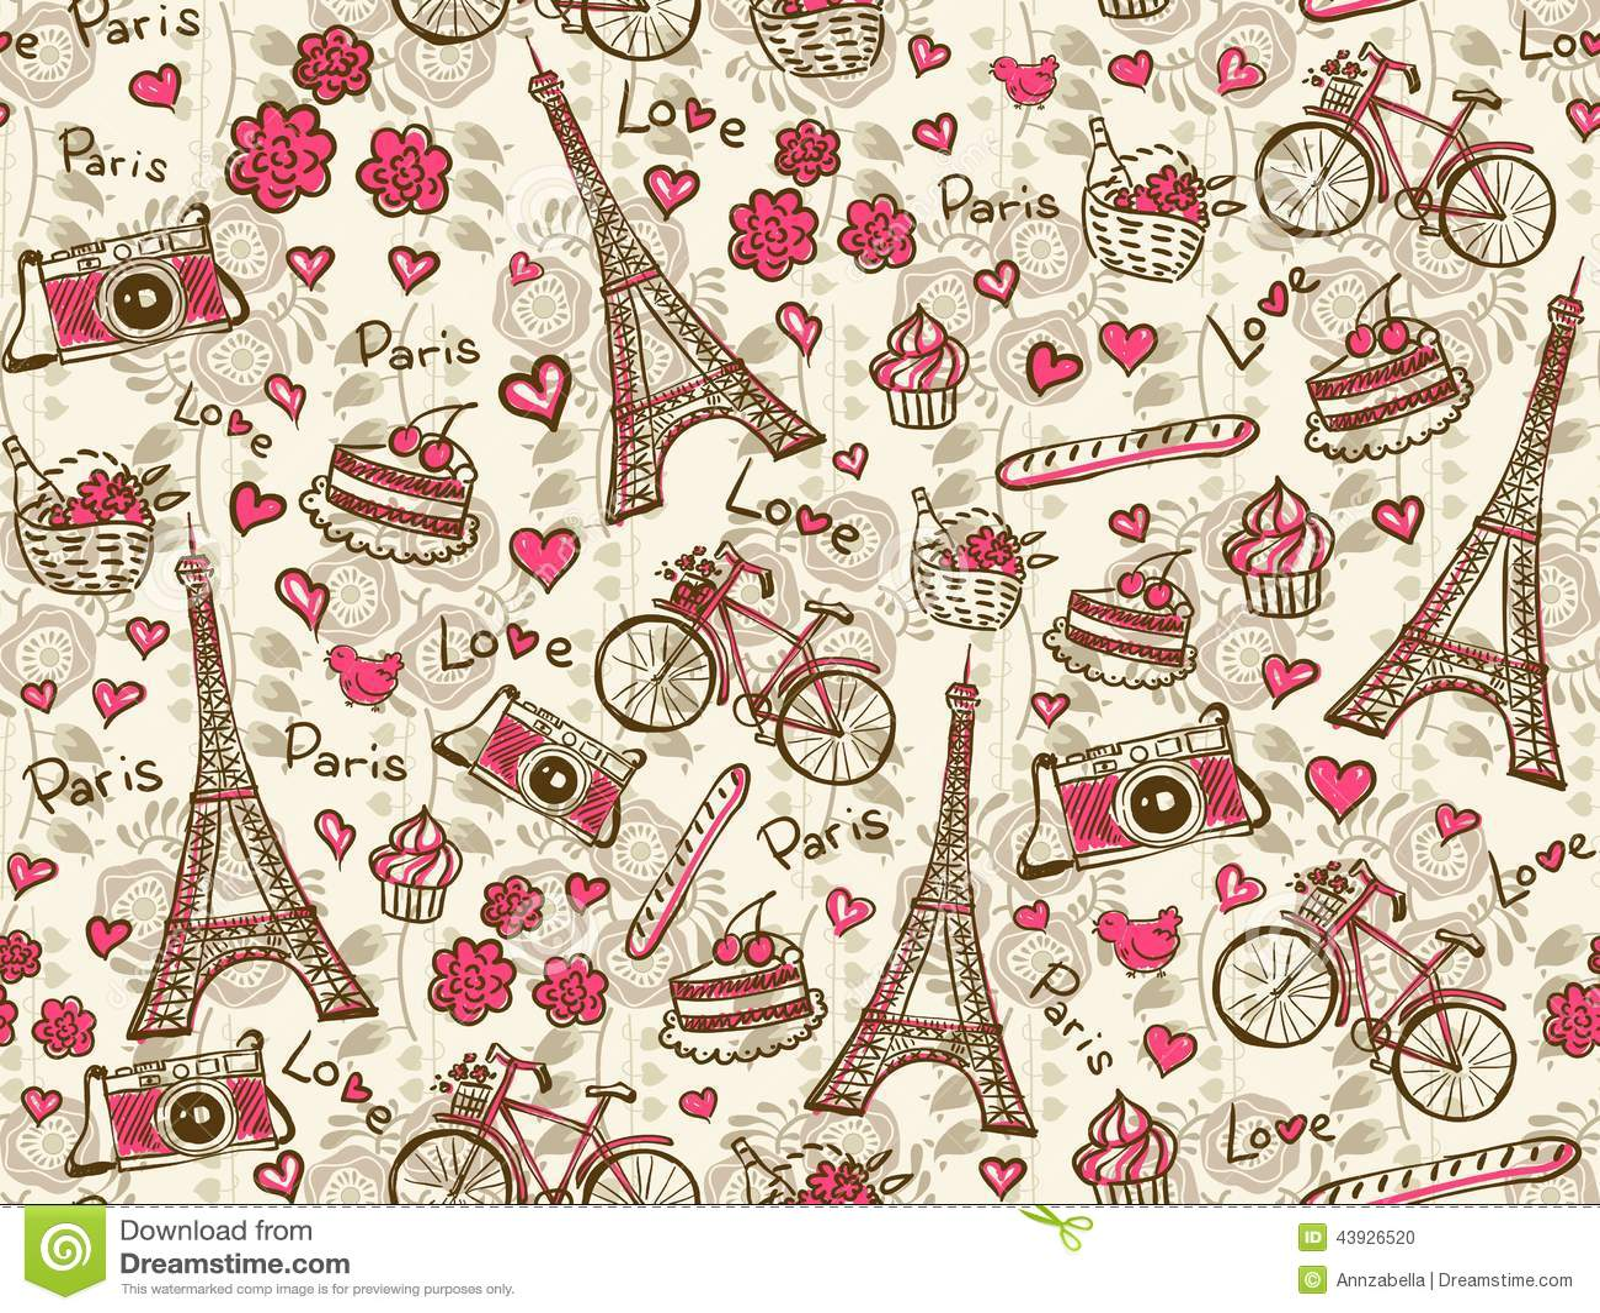 paris vintage background stock vector illustration of pattern 43926520. Black Bedroom Furniture Sets. Home Design Ideas